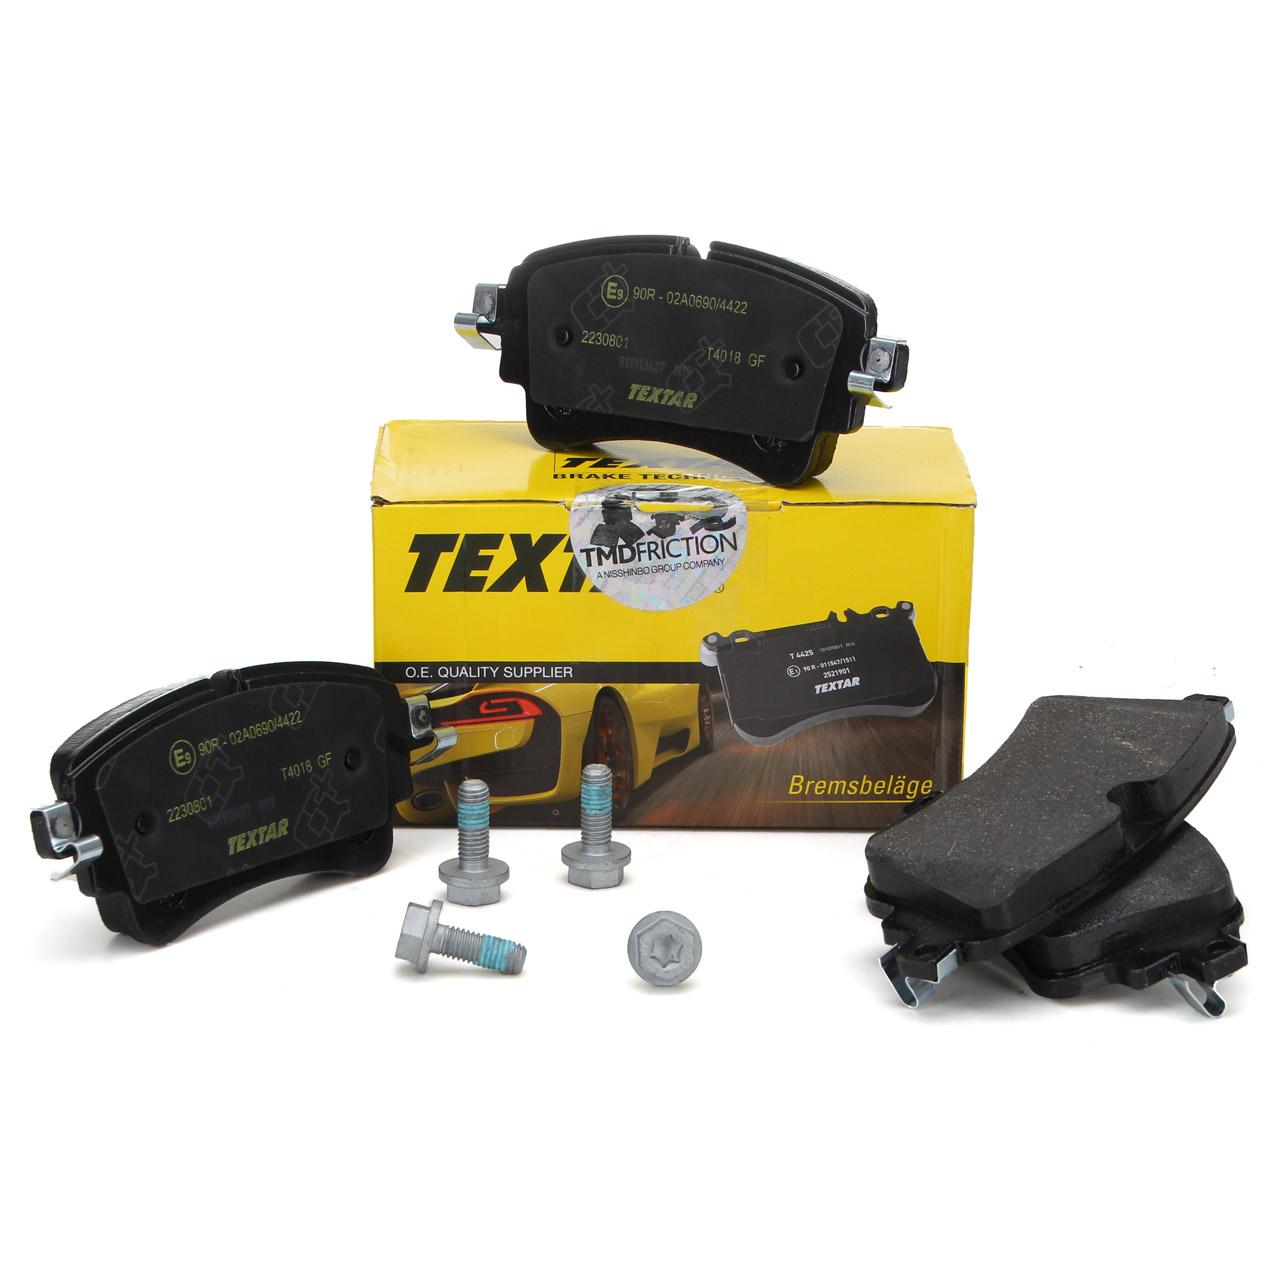 TEXTAR 2230801 Bremsbeläge AUDI A4 A5 A6 A7 A8 Q5 Q7 VW TOUAREG hinten 8W0698451Q